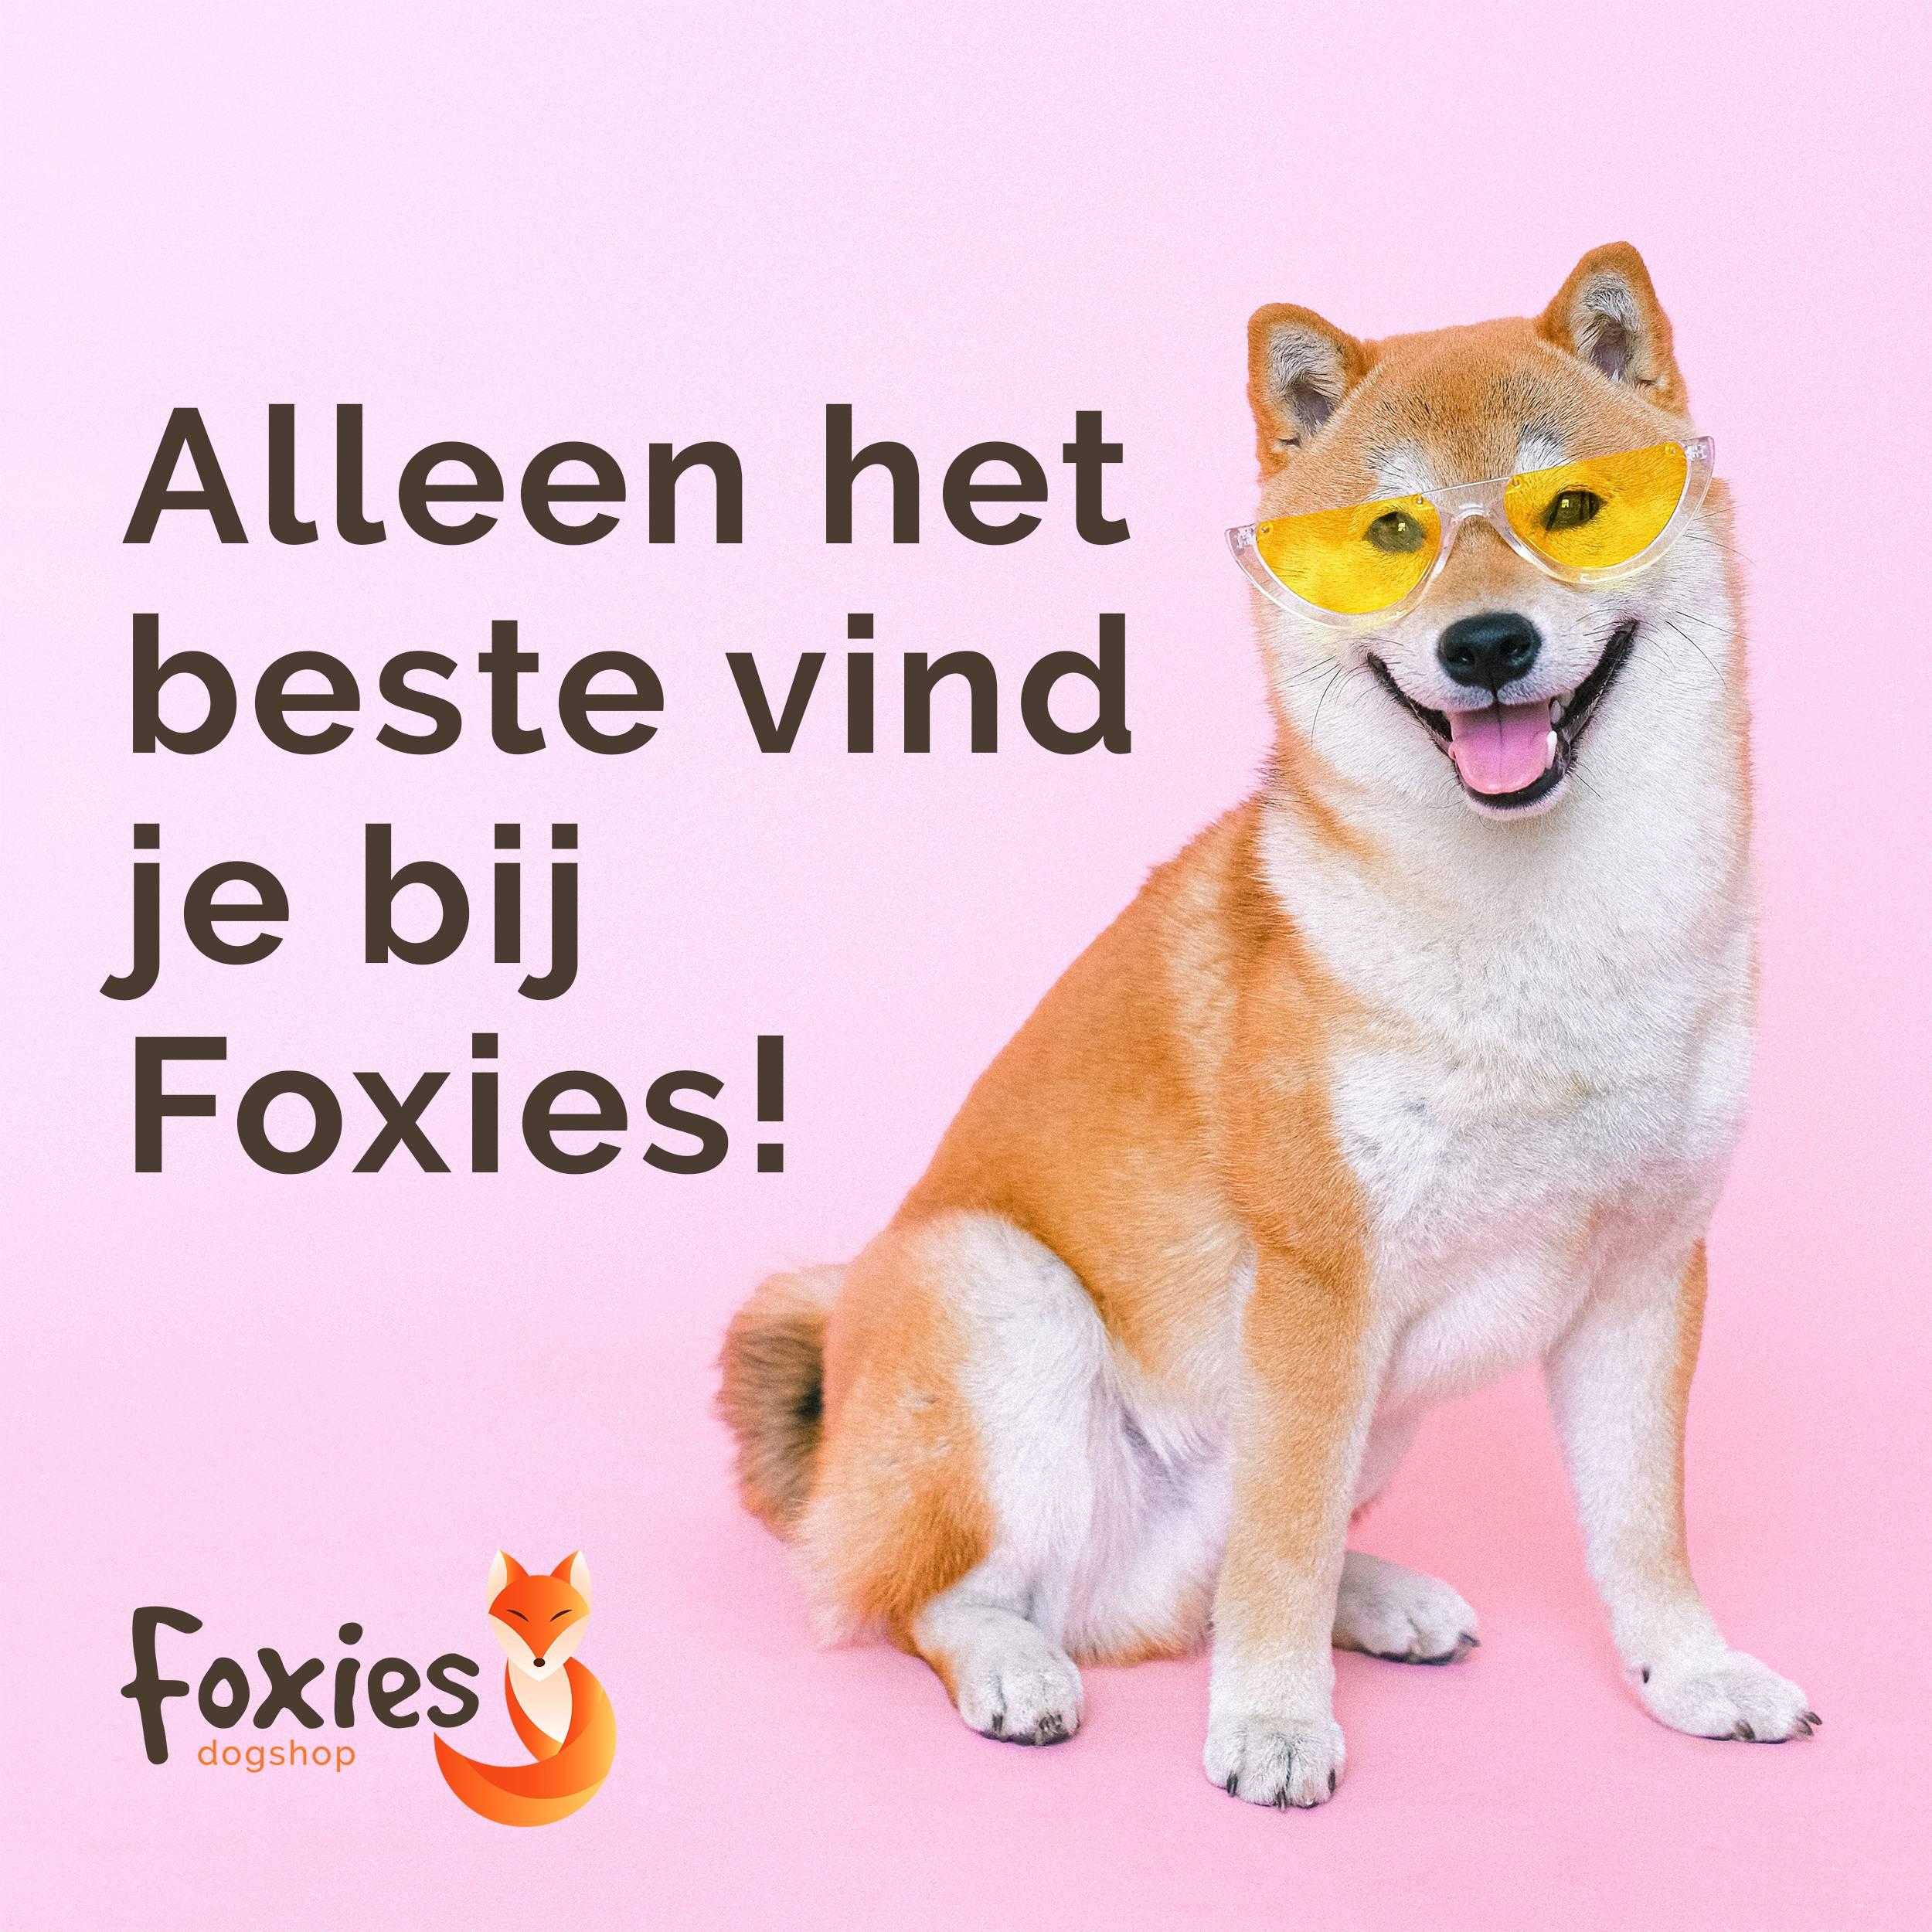 Foxies  dogshop instagram